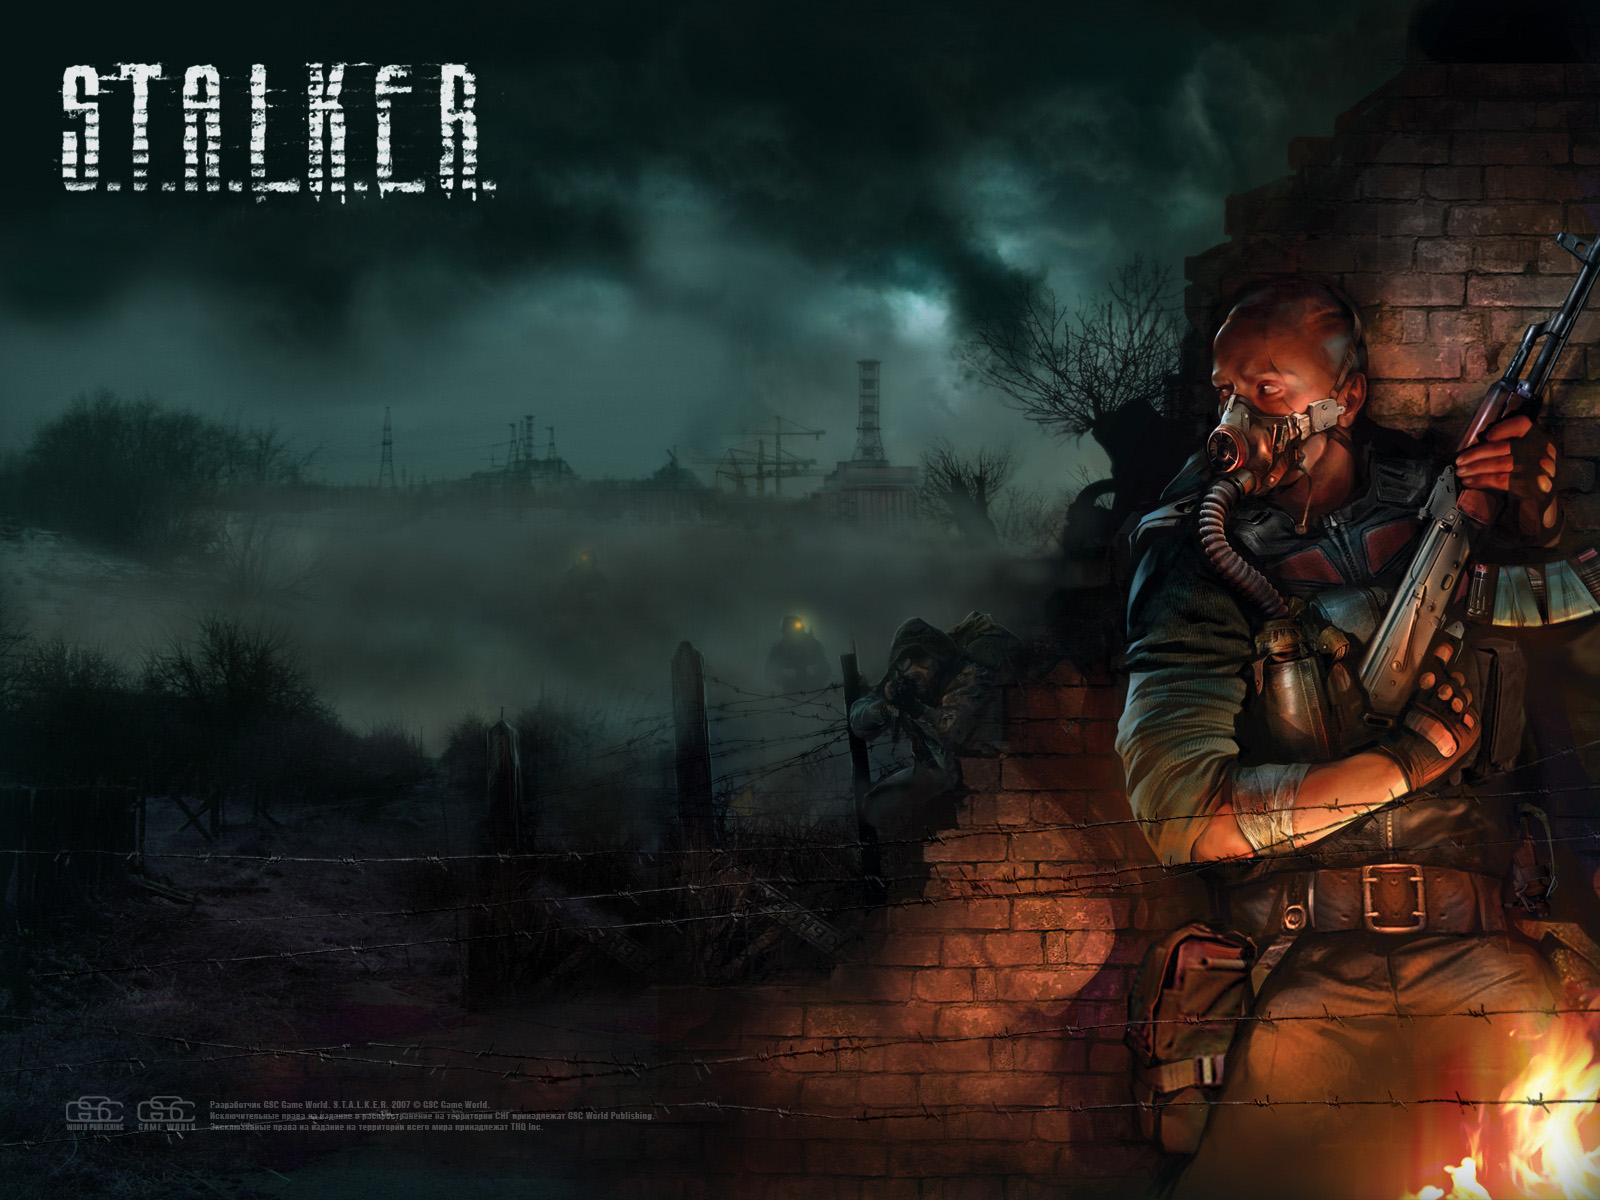 Скачать игру Stalker - Shadow of Chernobyl (Тень Чернобыля)